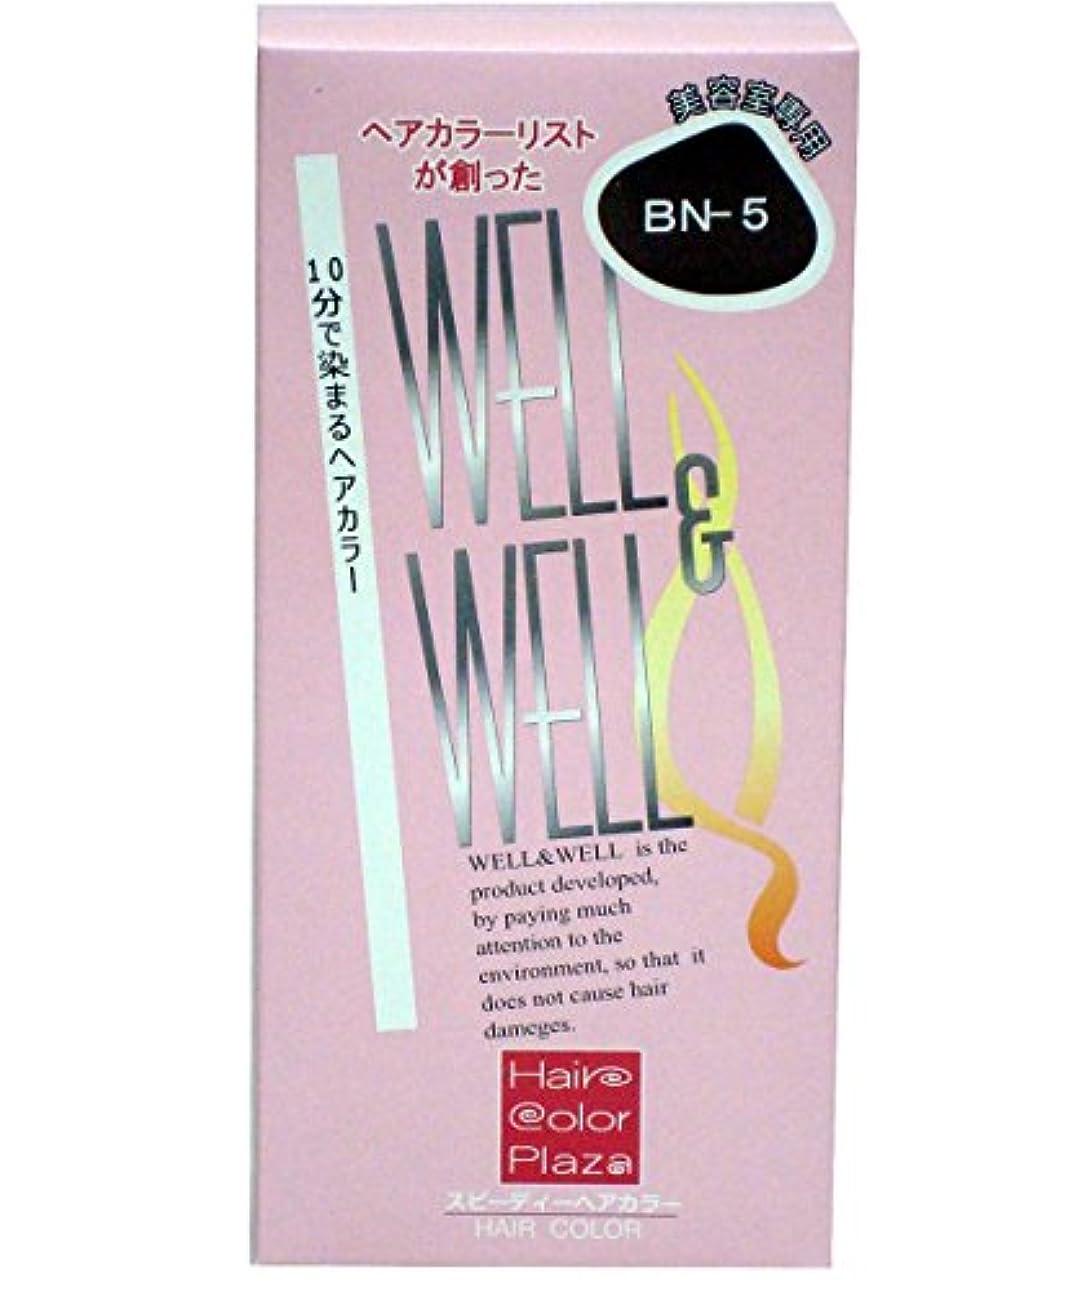 子豚心配する差し迫った【美容室専用】 ウェル&ウェル スピーディヘアカラー ナチュラルブラウン BN-5